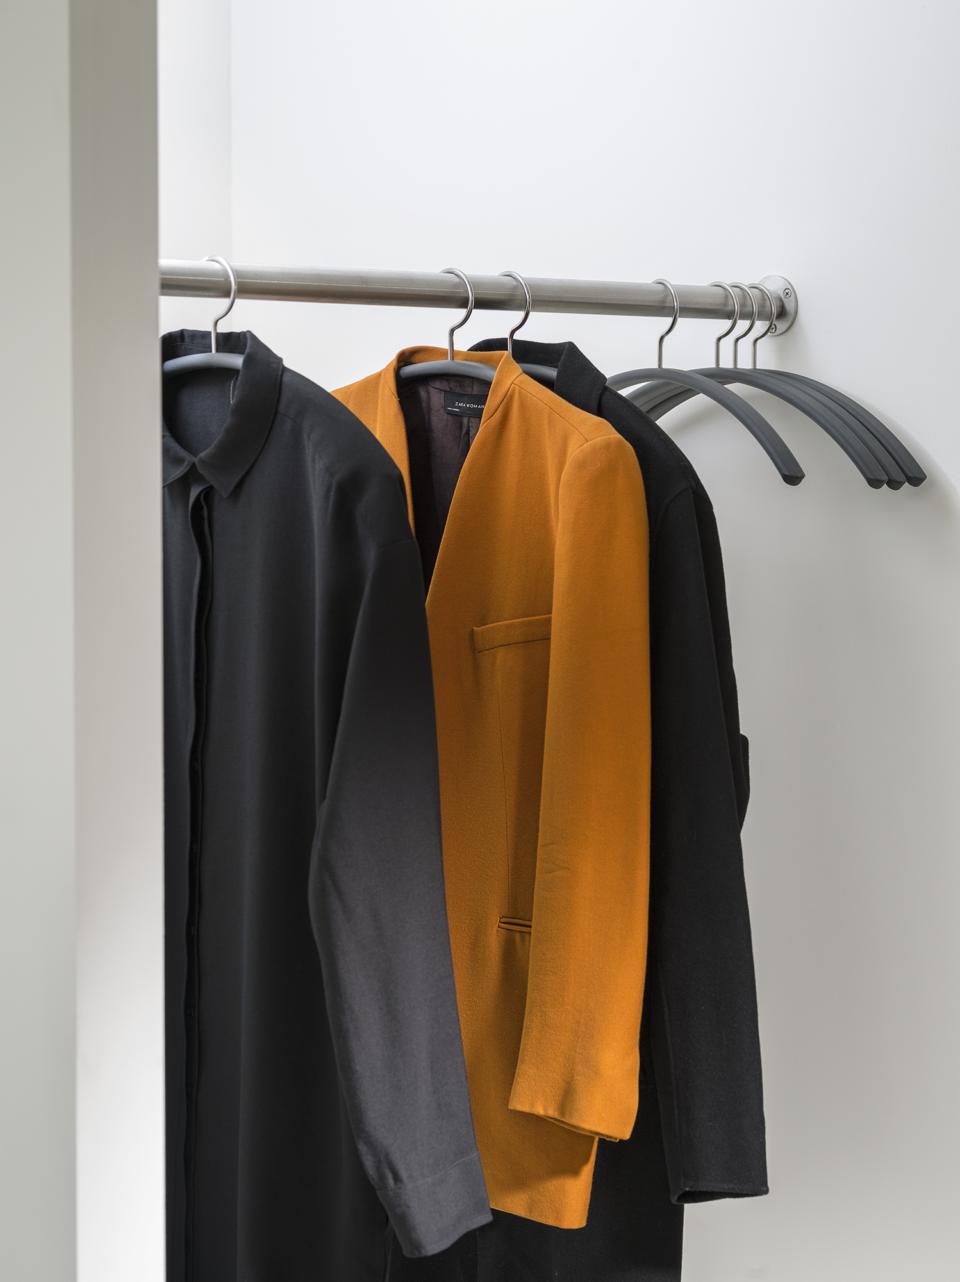 van Esch coat hanger Tubulus 100